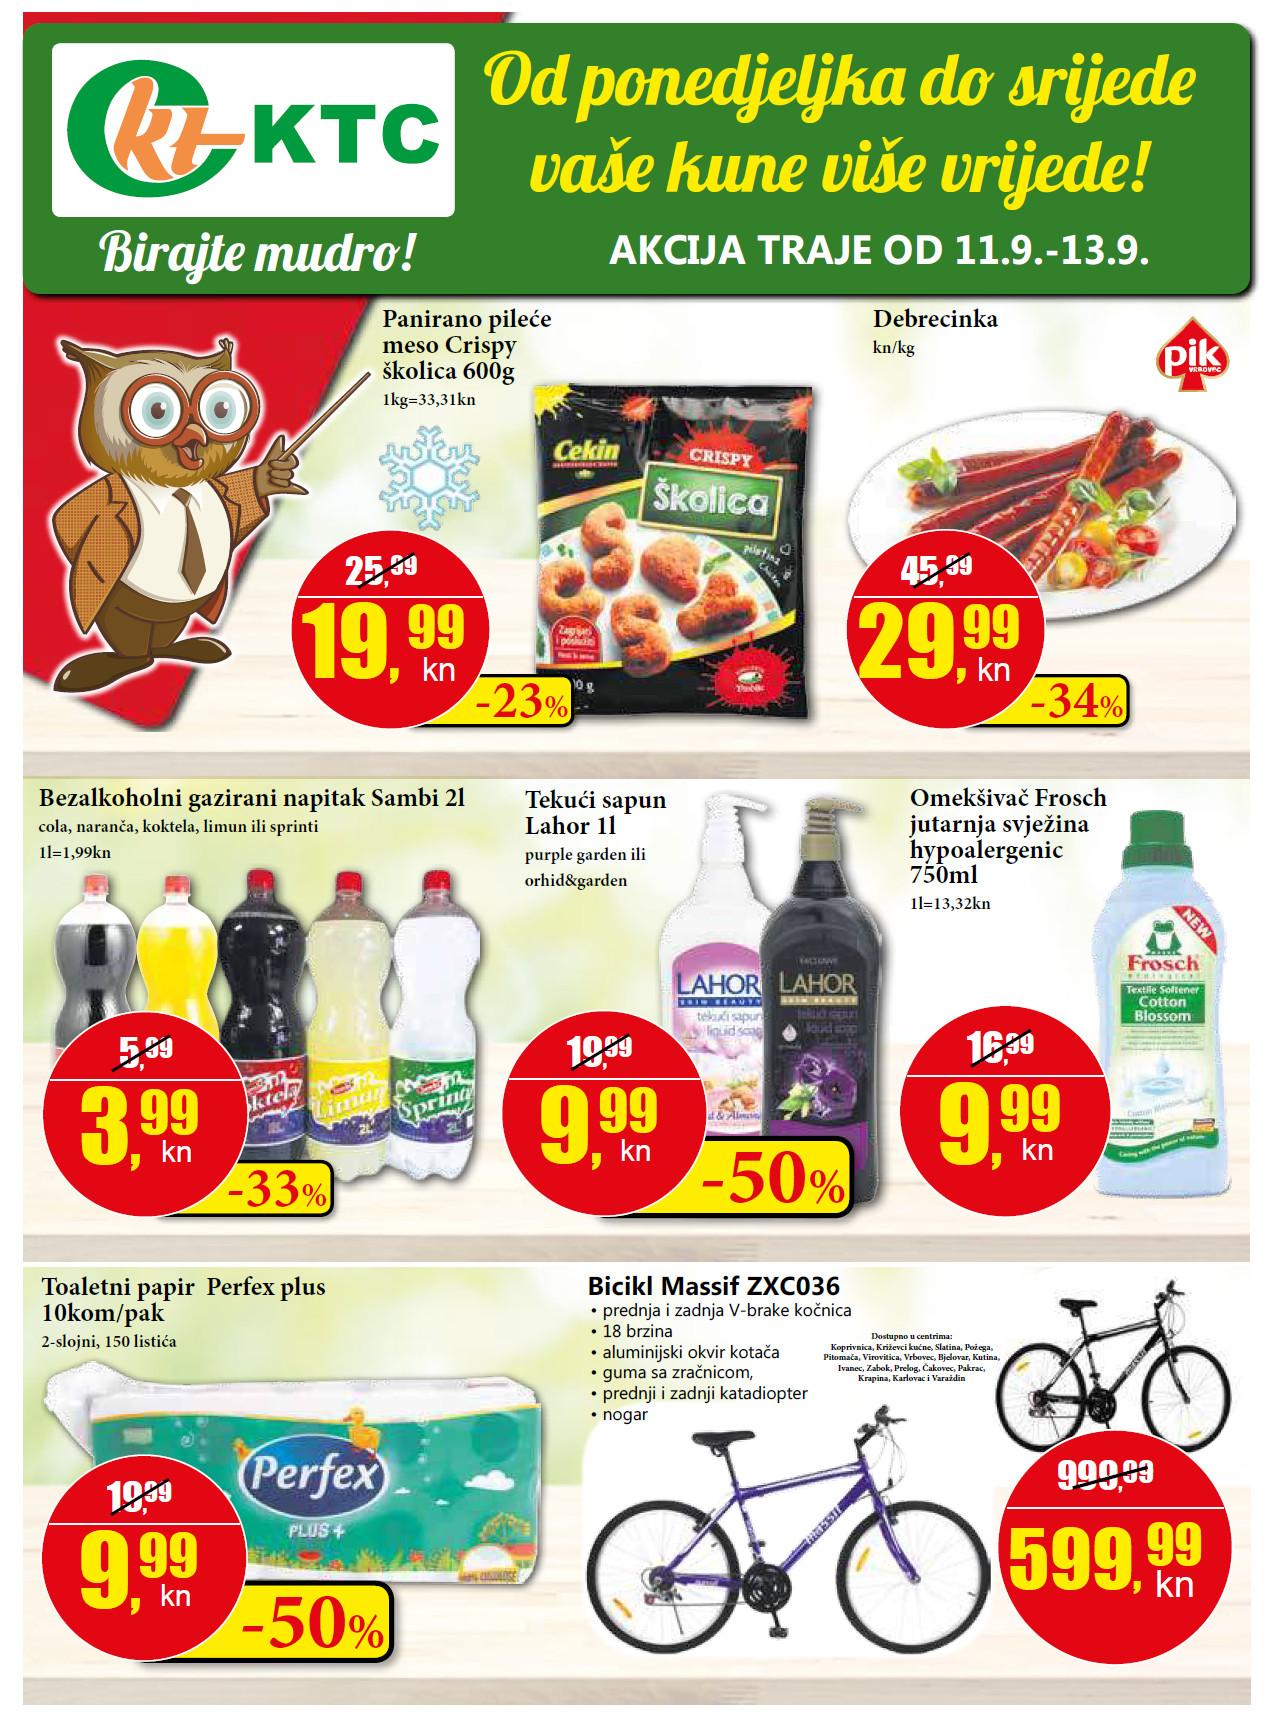 Od ponedeljka do srijede vaše kune više vrijede!  Top ponuda za početak tjedna od 11.- 13.09.2017. u KTC supermarketima.